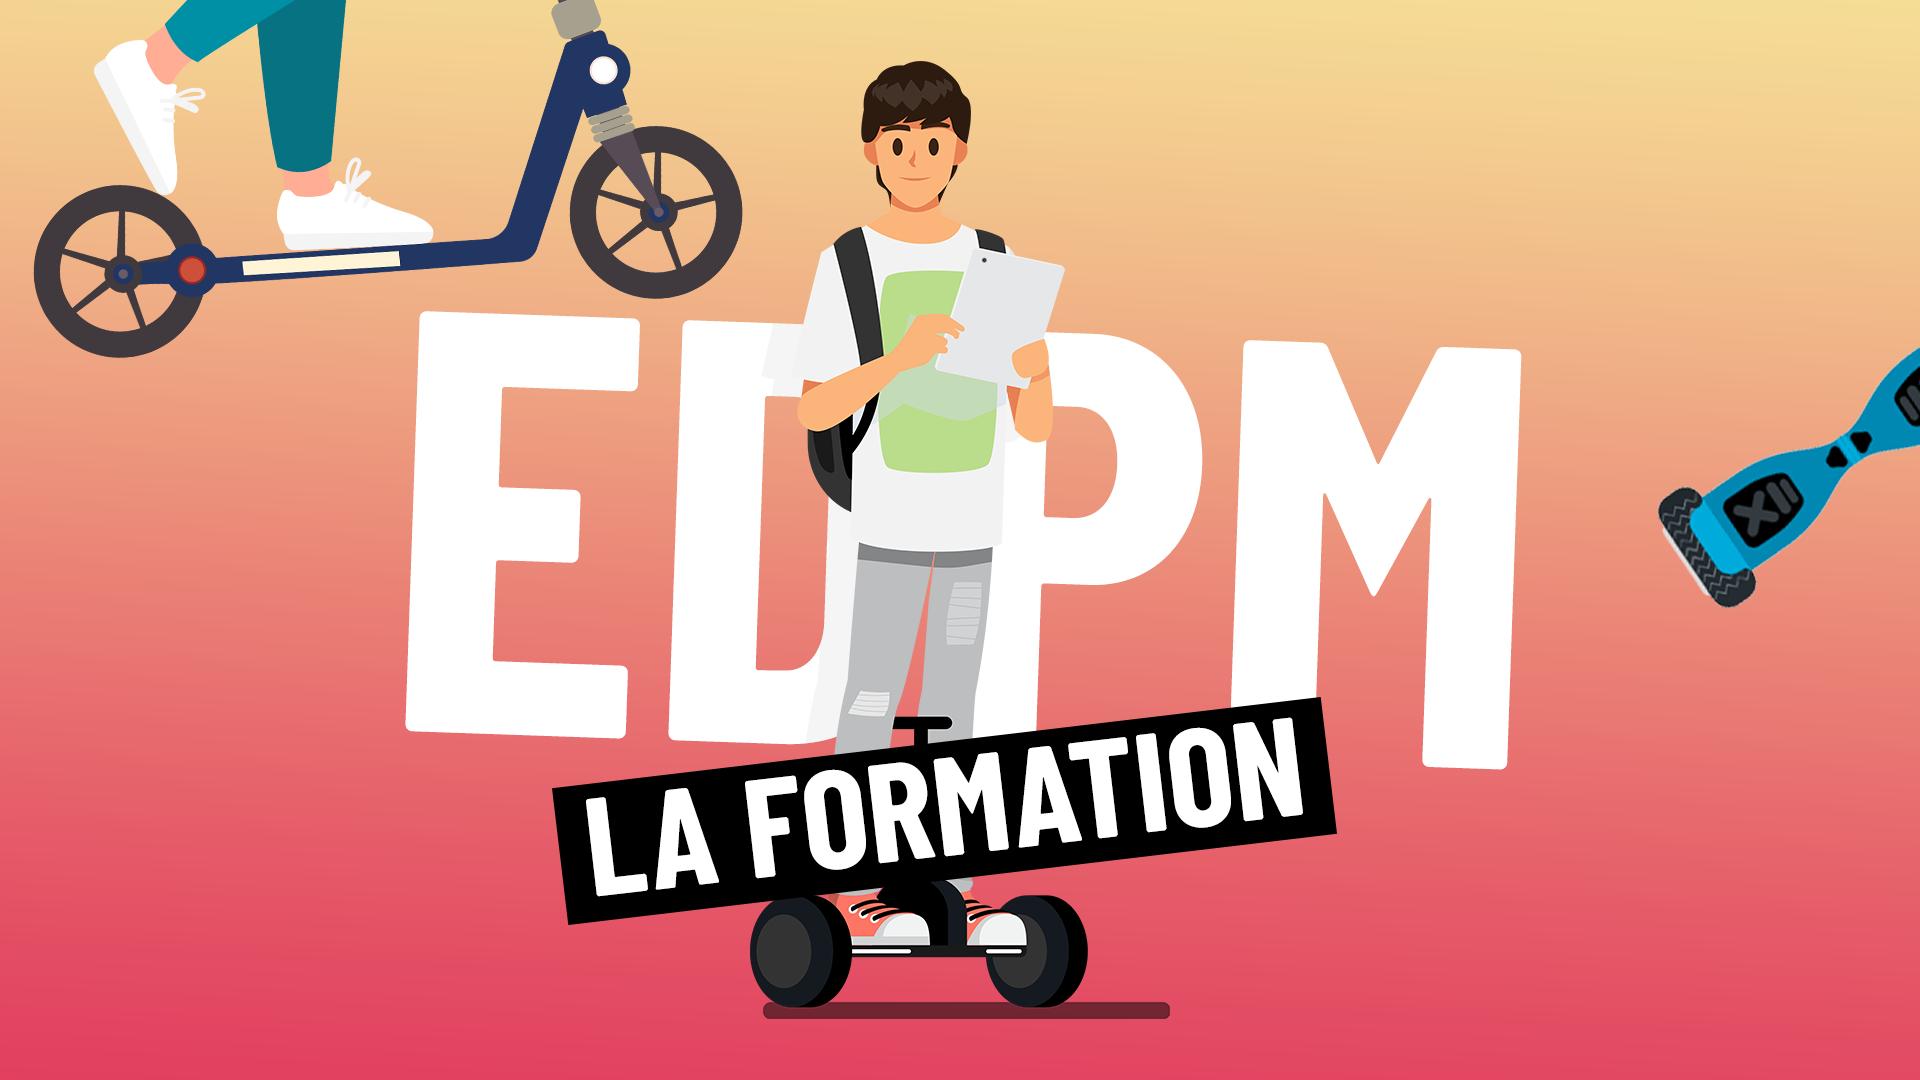 Réglementation edpm